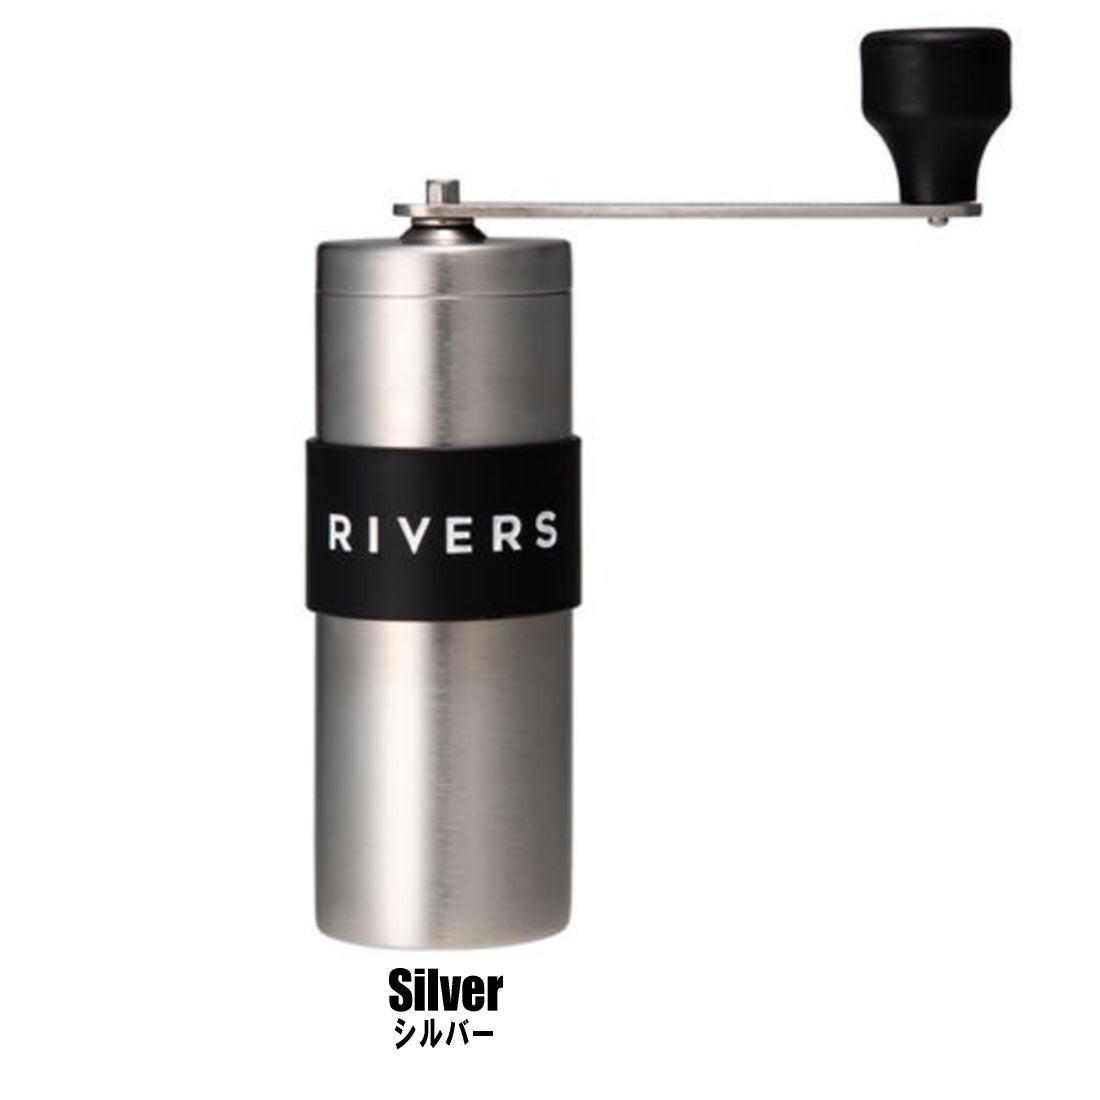 リバーズ コーヒーグラインダーグリット SILVER コーヒーミル 手挽き 珈琲豆  国内正規品 GRITSV